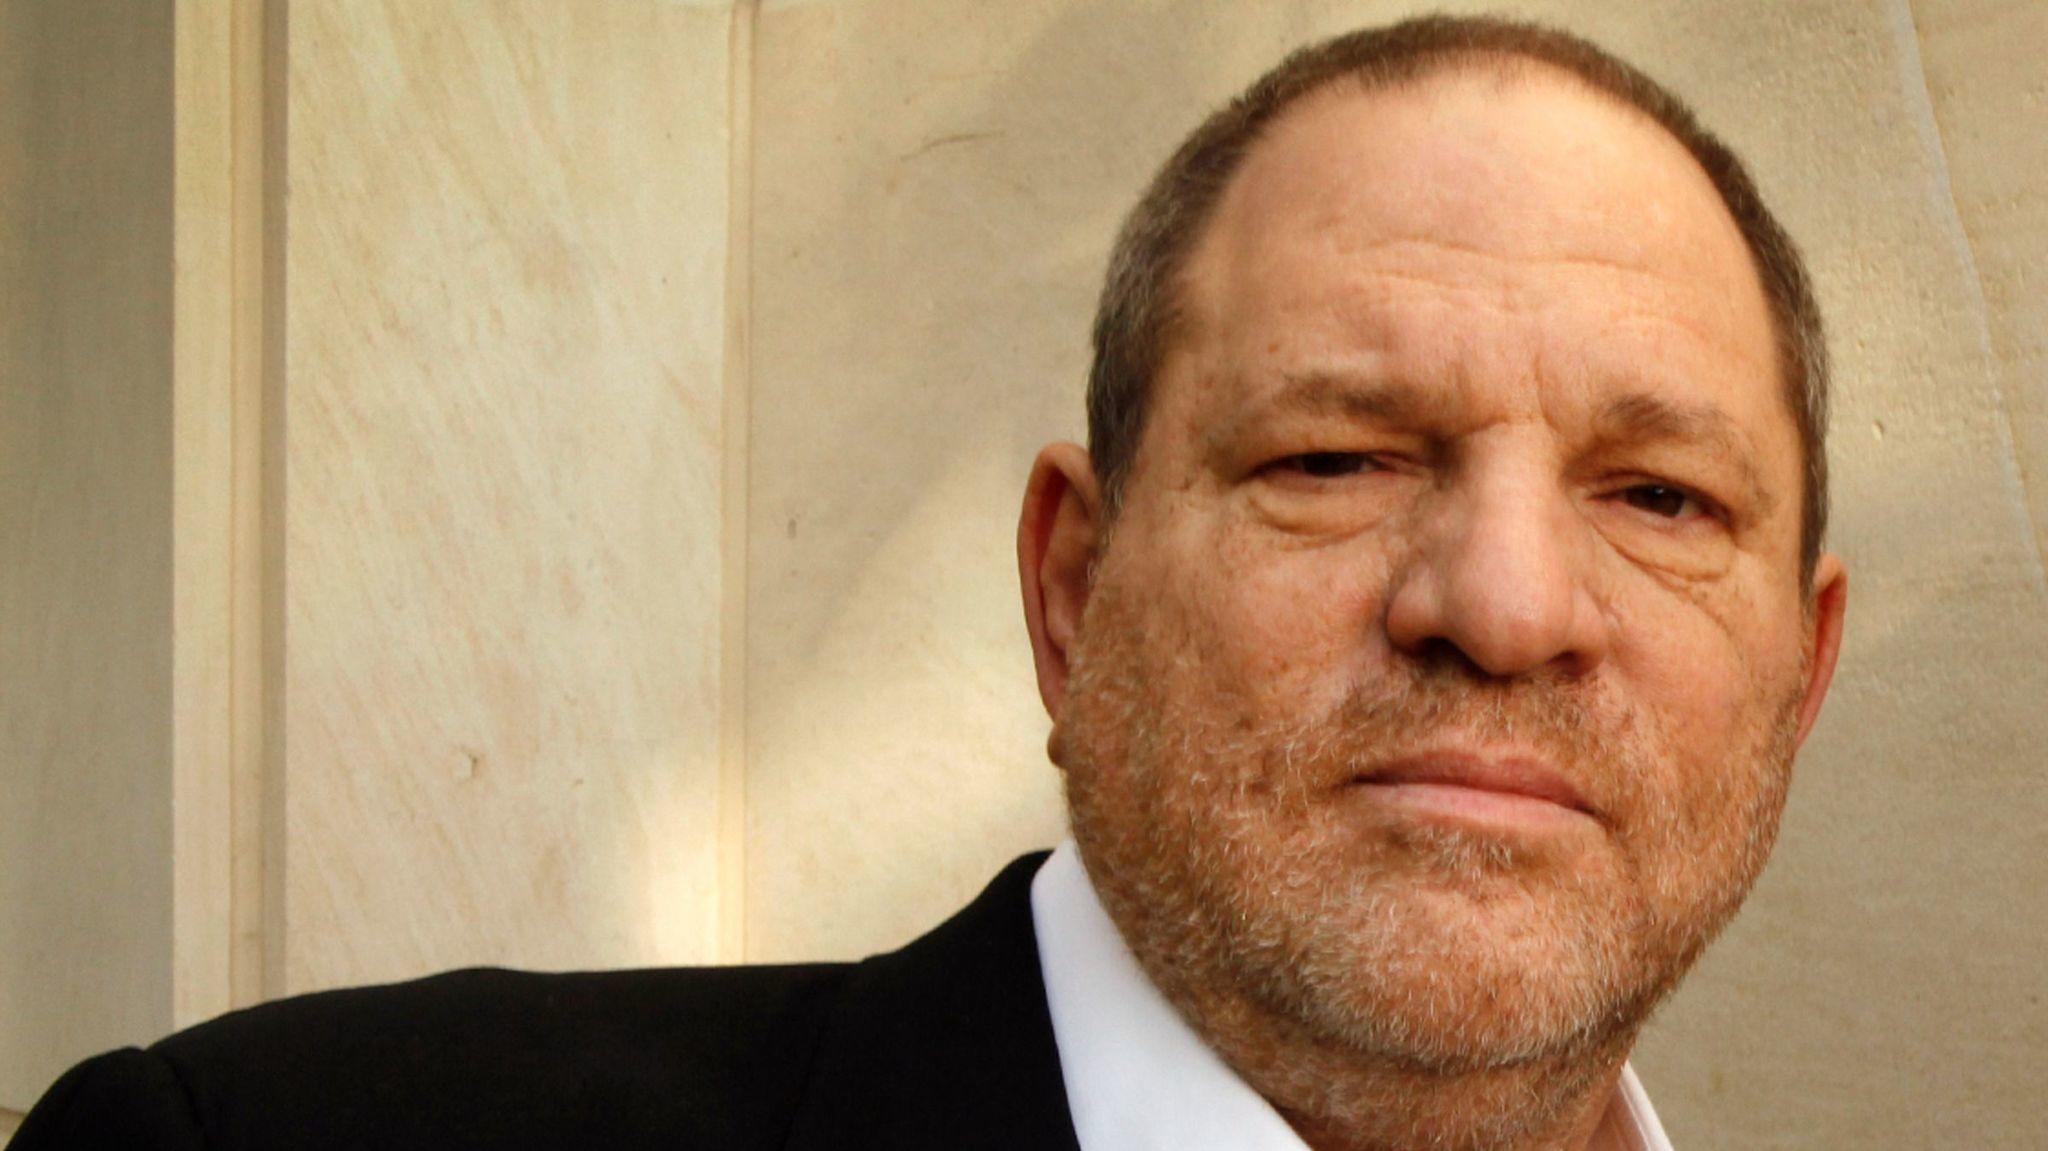 Harvey Weinstein (Al Seib / Los Angeles Times)